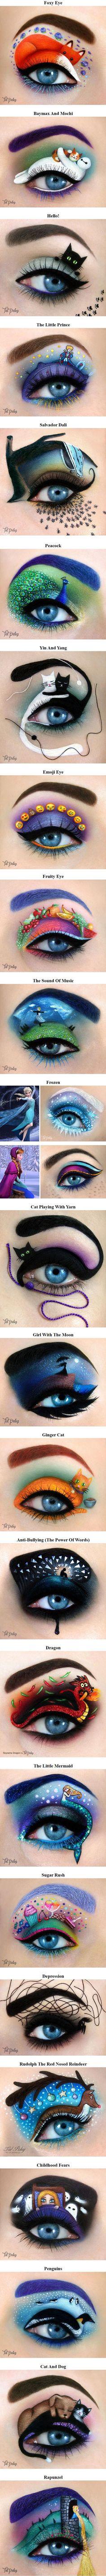 Magnifique maquillage pour les yeux http://amzn.to/2t7zprH